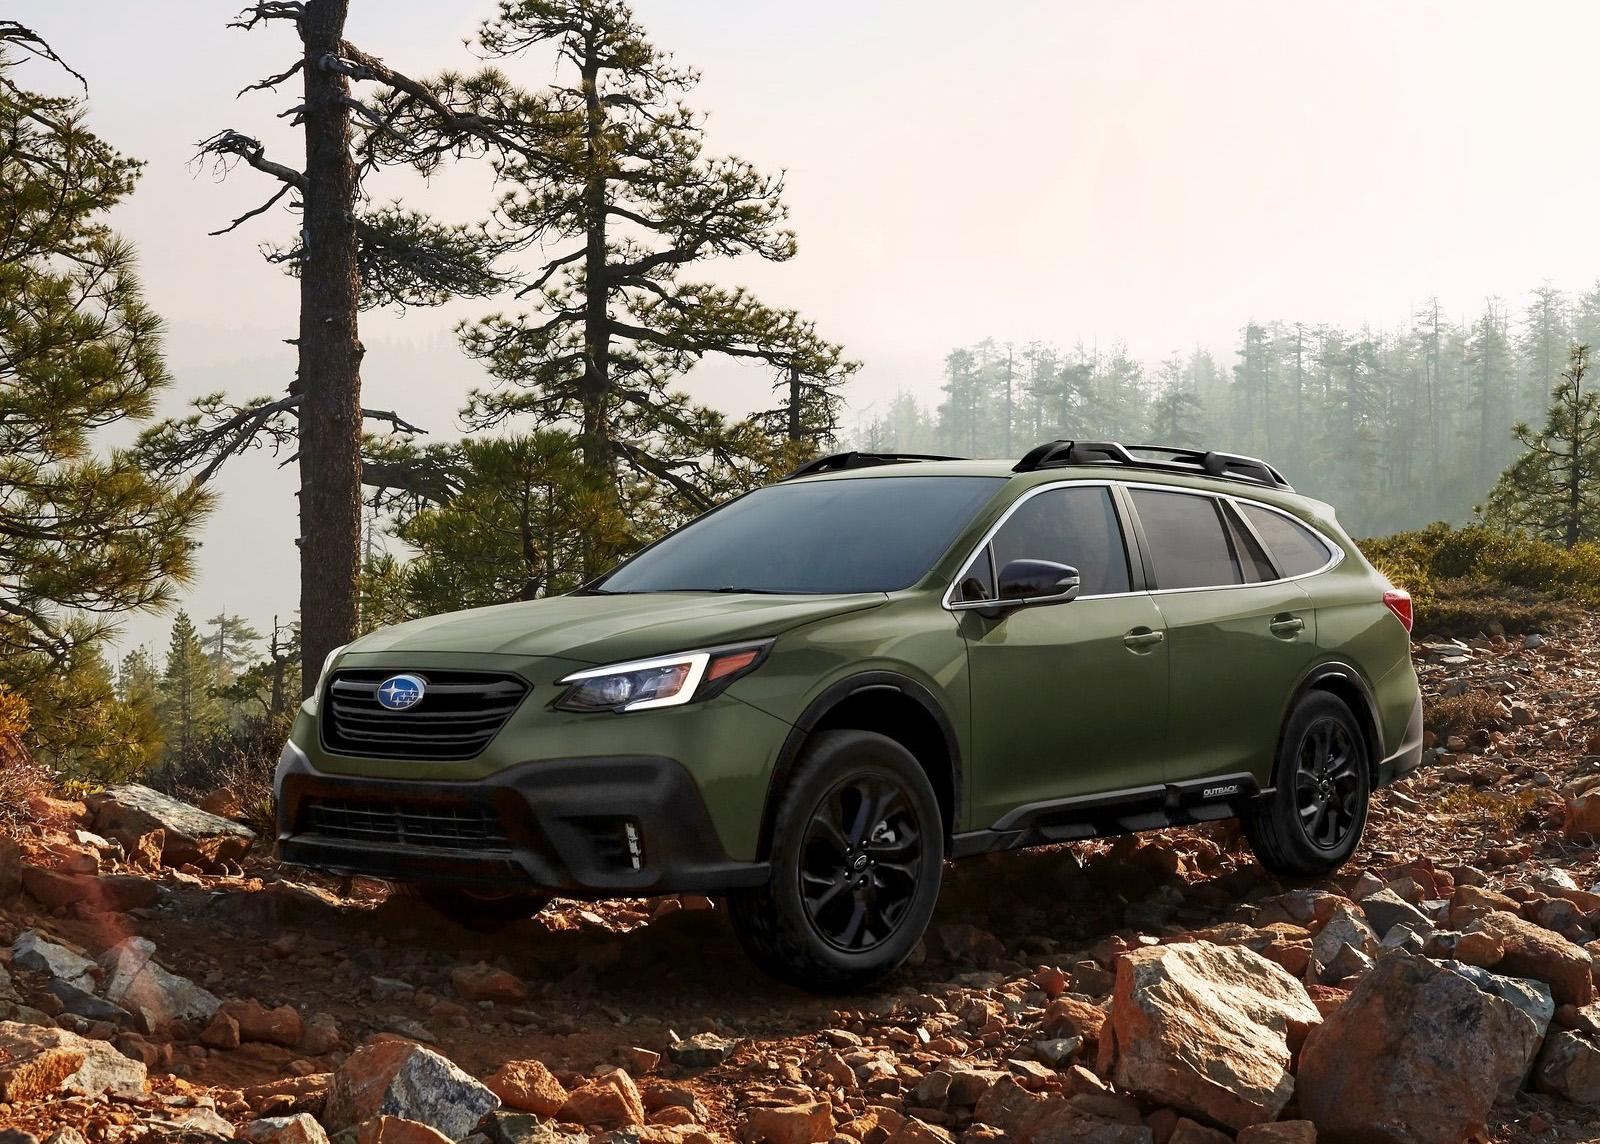 2020 Subaru Outback Turbo Hybrid Photos